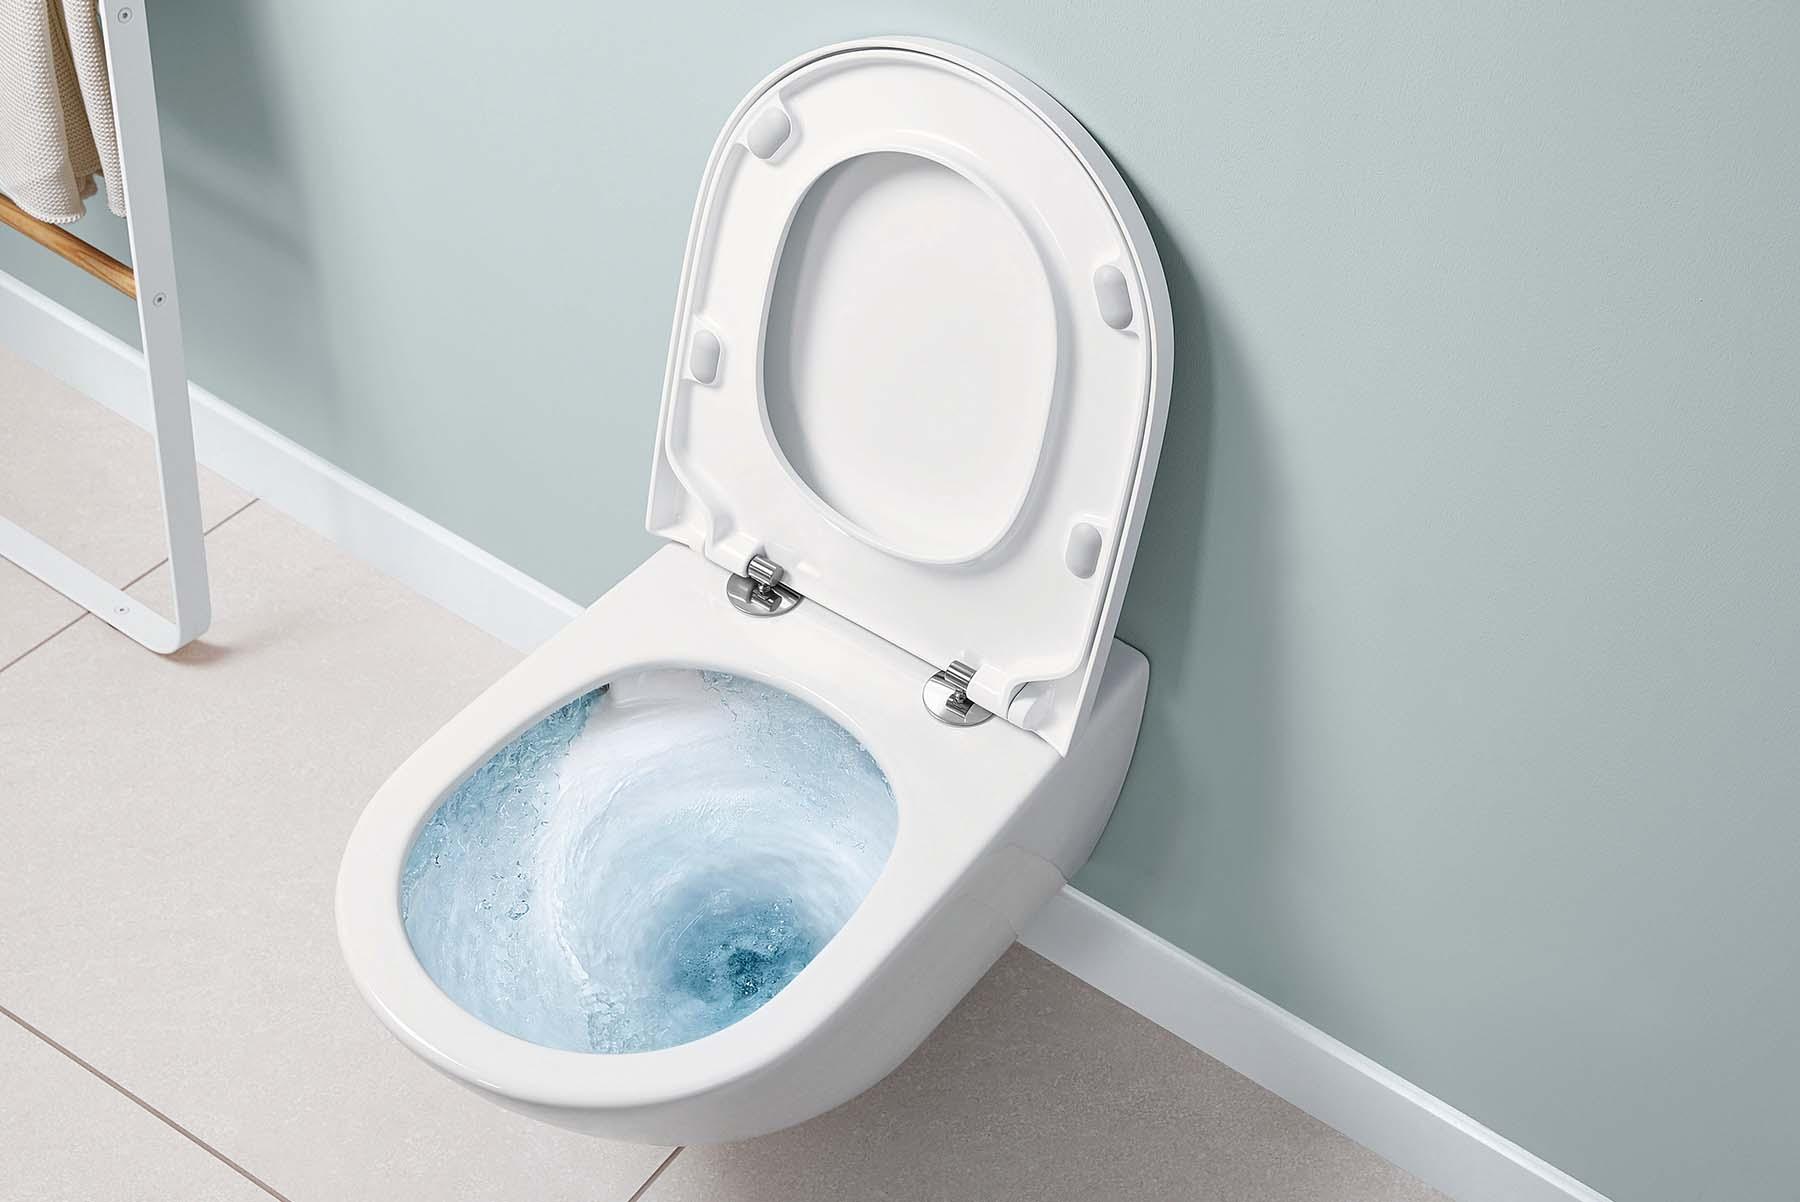 TwistFlush nos permitirá ahorrar agua en cada descarga.